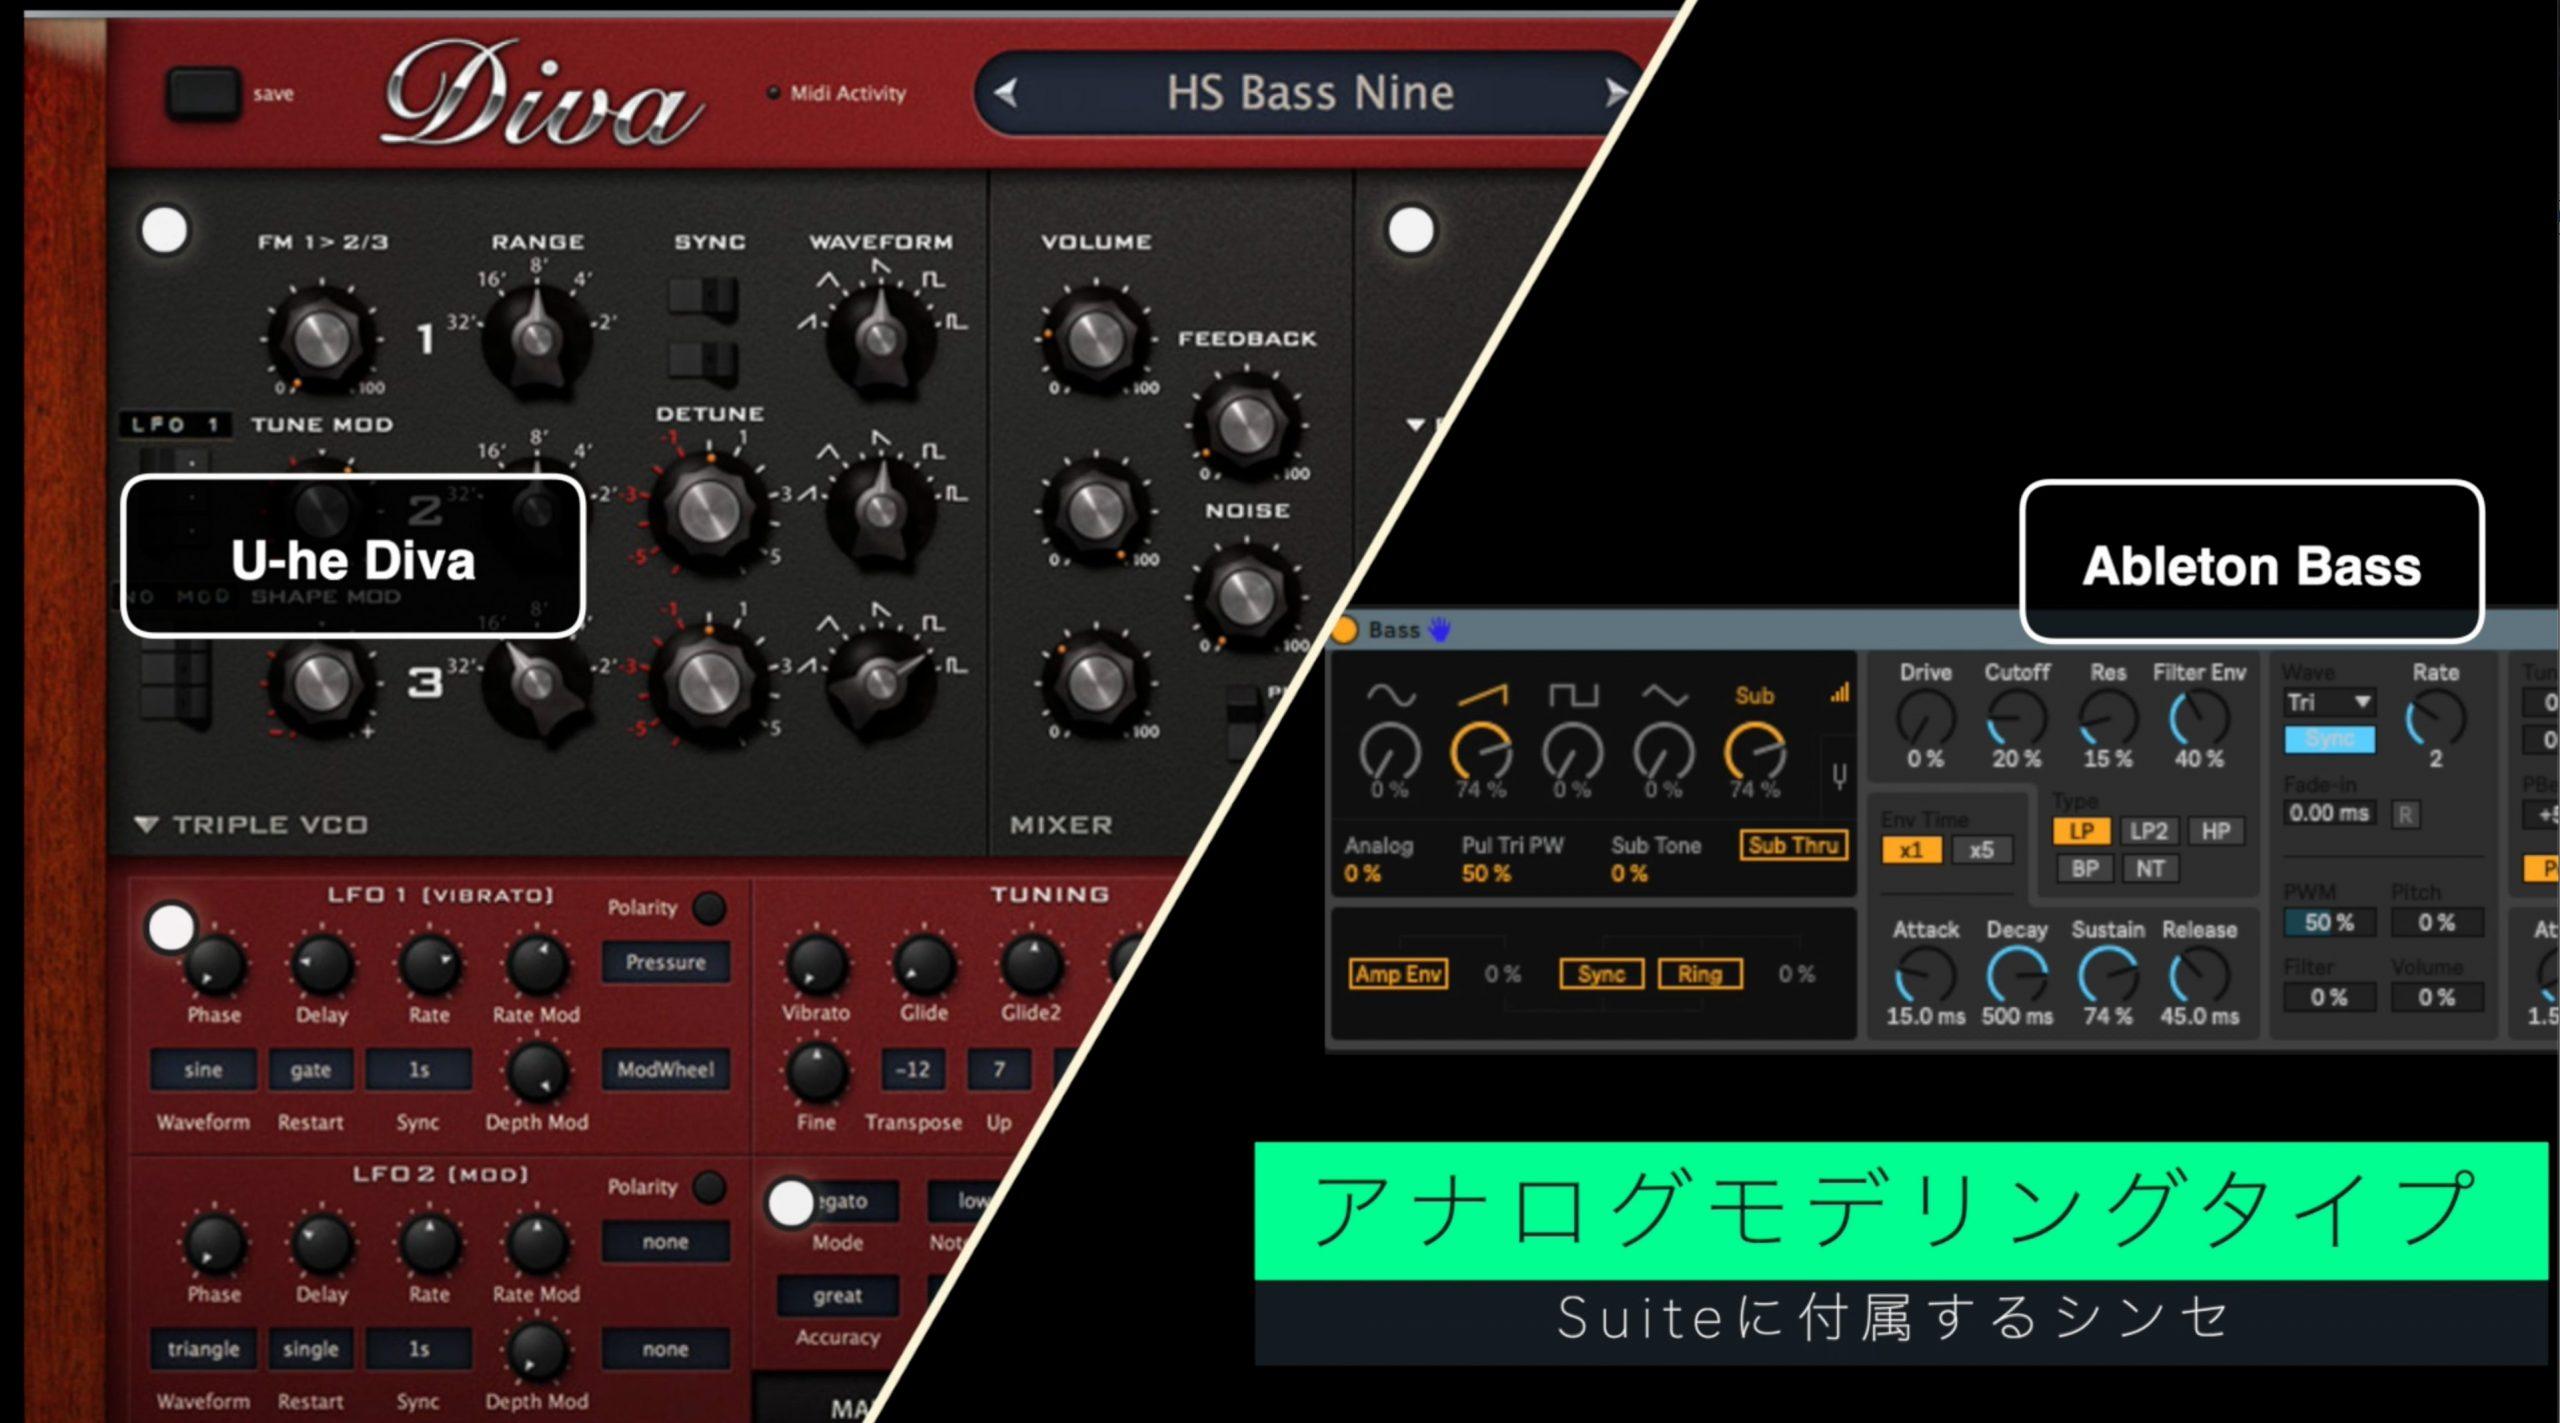 Diva vs Bass